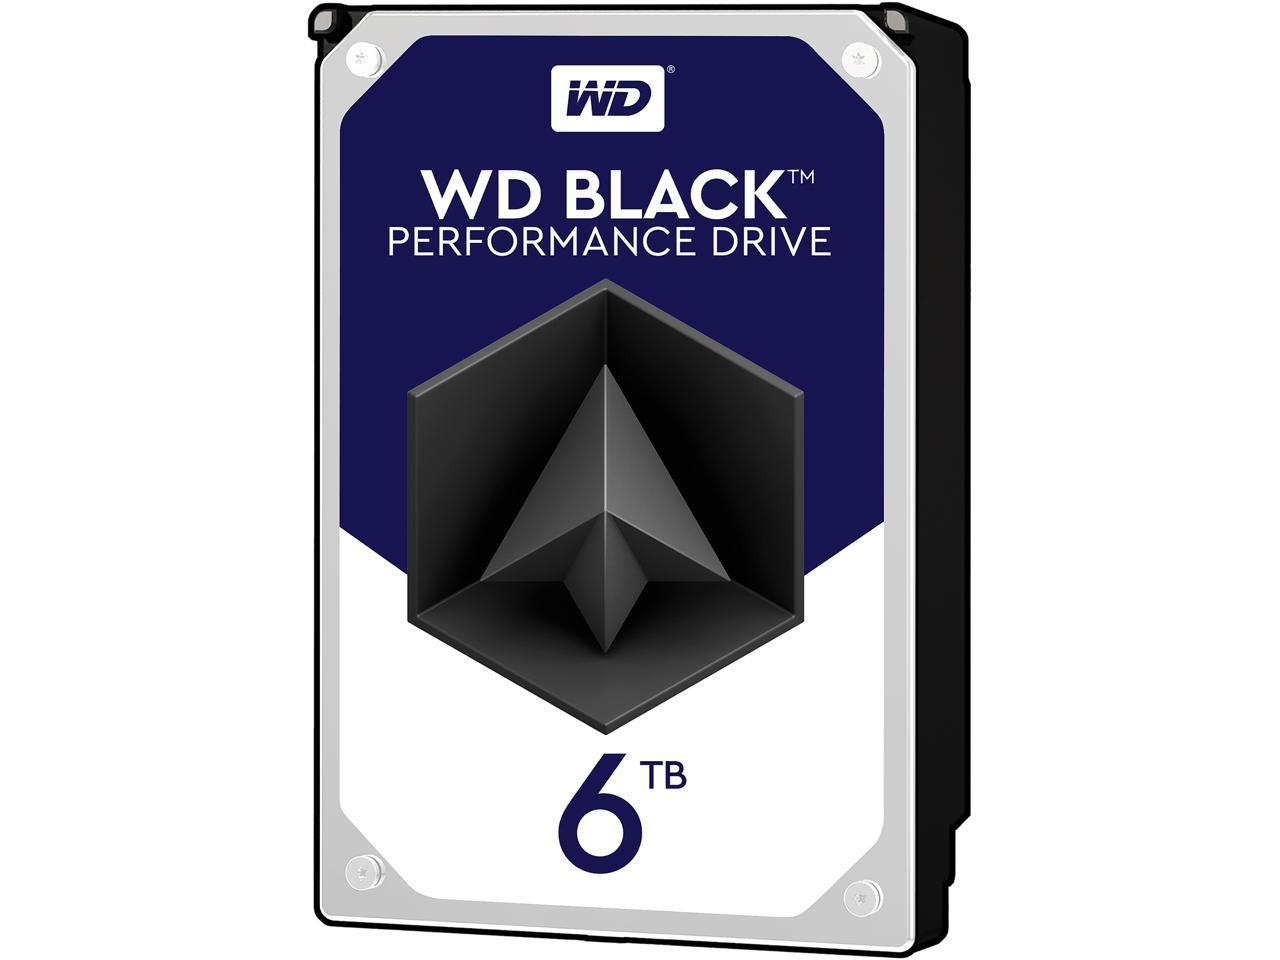 Wd Black 6tb Performance Desktop Hard Disk Drive 7200 Rpm Sata 6gb Seagate Backup Plus Hub 8tb Hdd External 35 Inch 3 Year Warranty New Original S 128mb Cache Wd6002fzwx